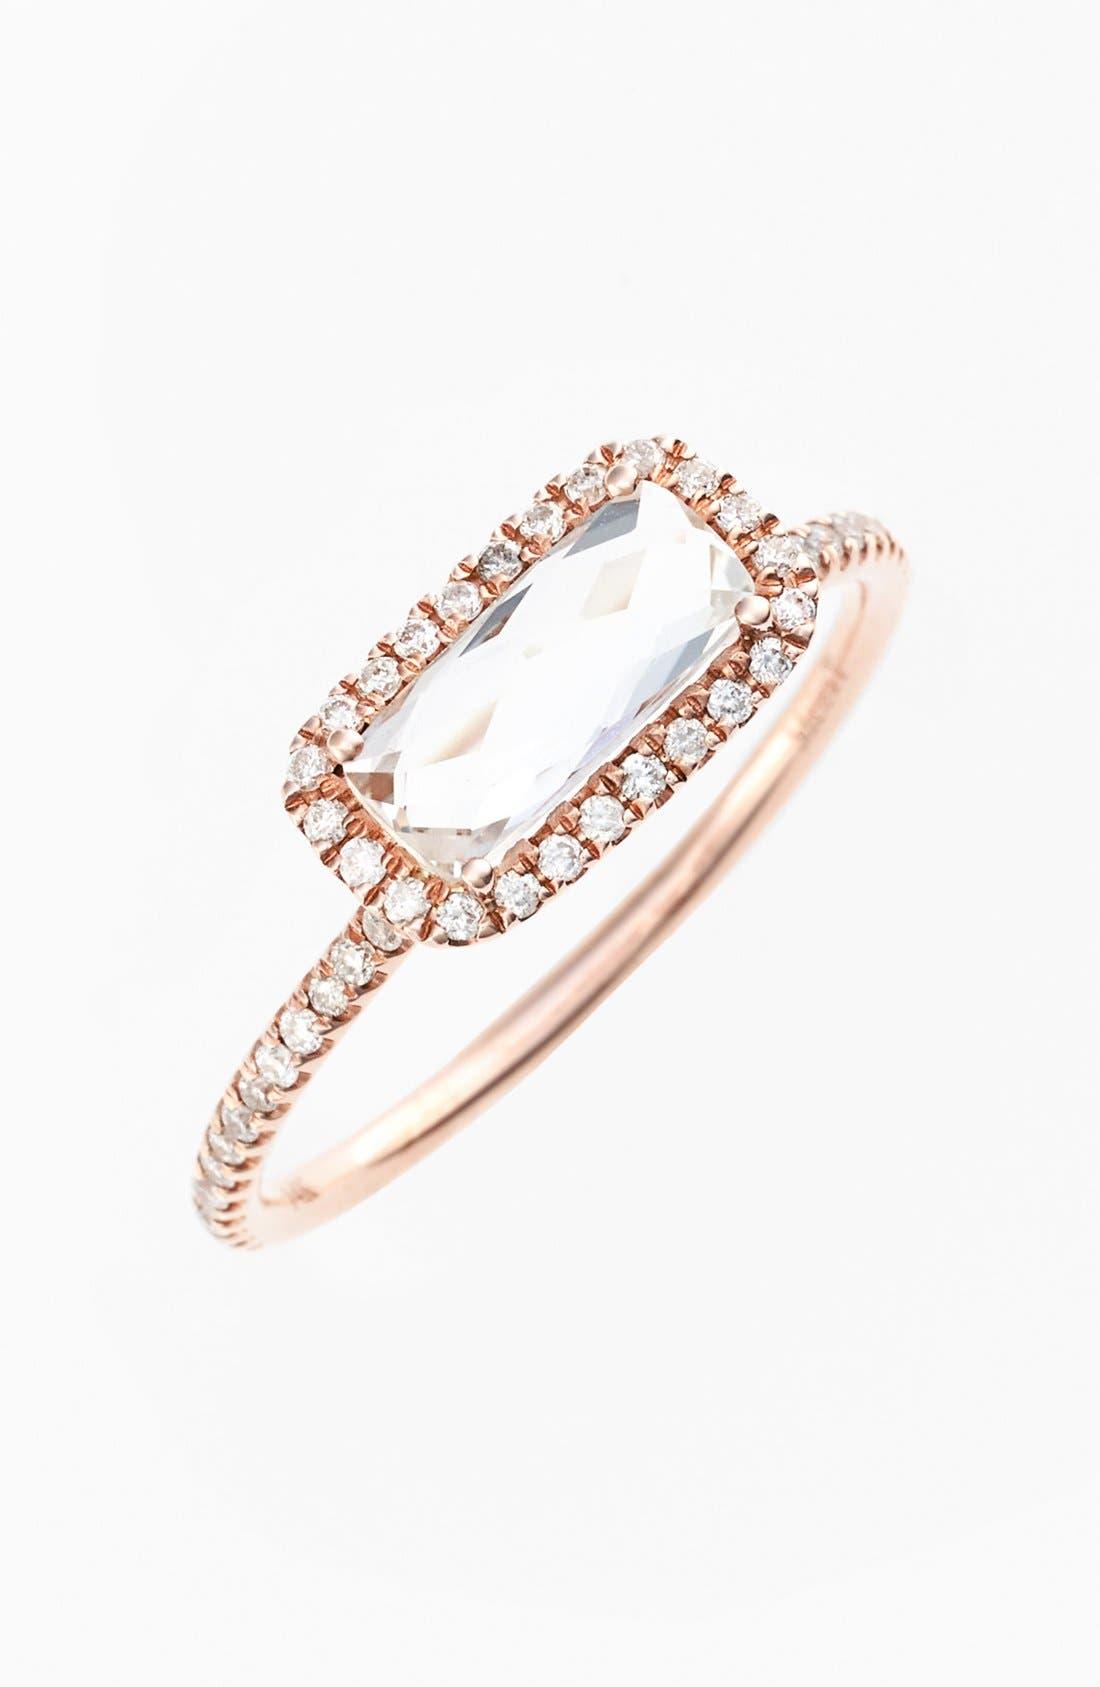 Main Image - MeiraT White Topaz & Diamond Pavé Ring